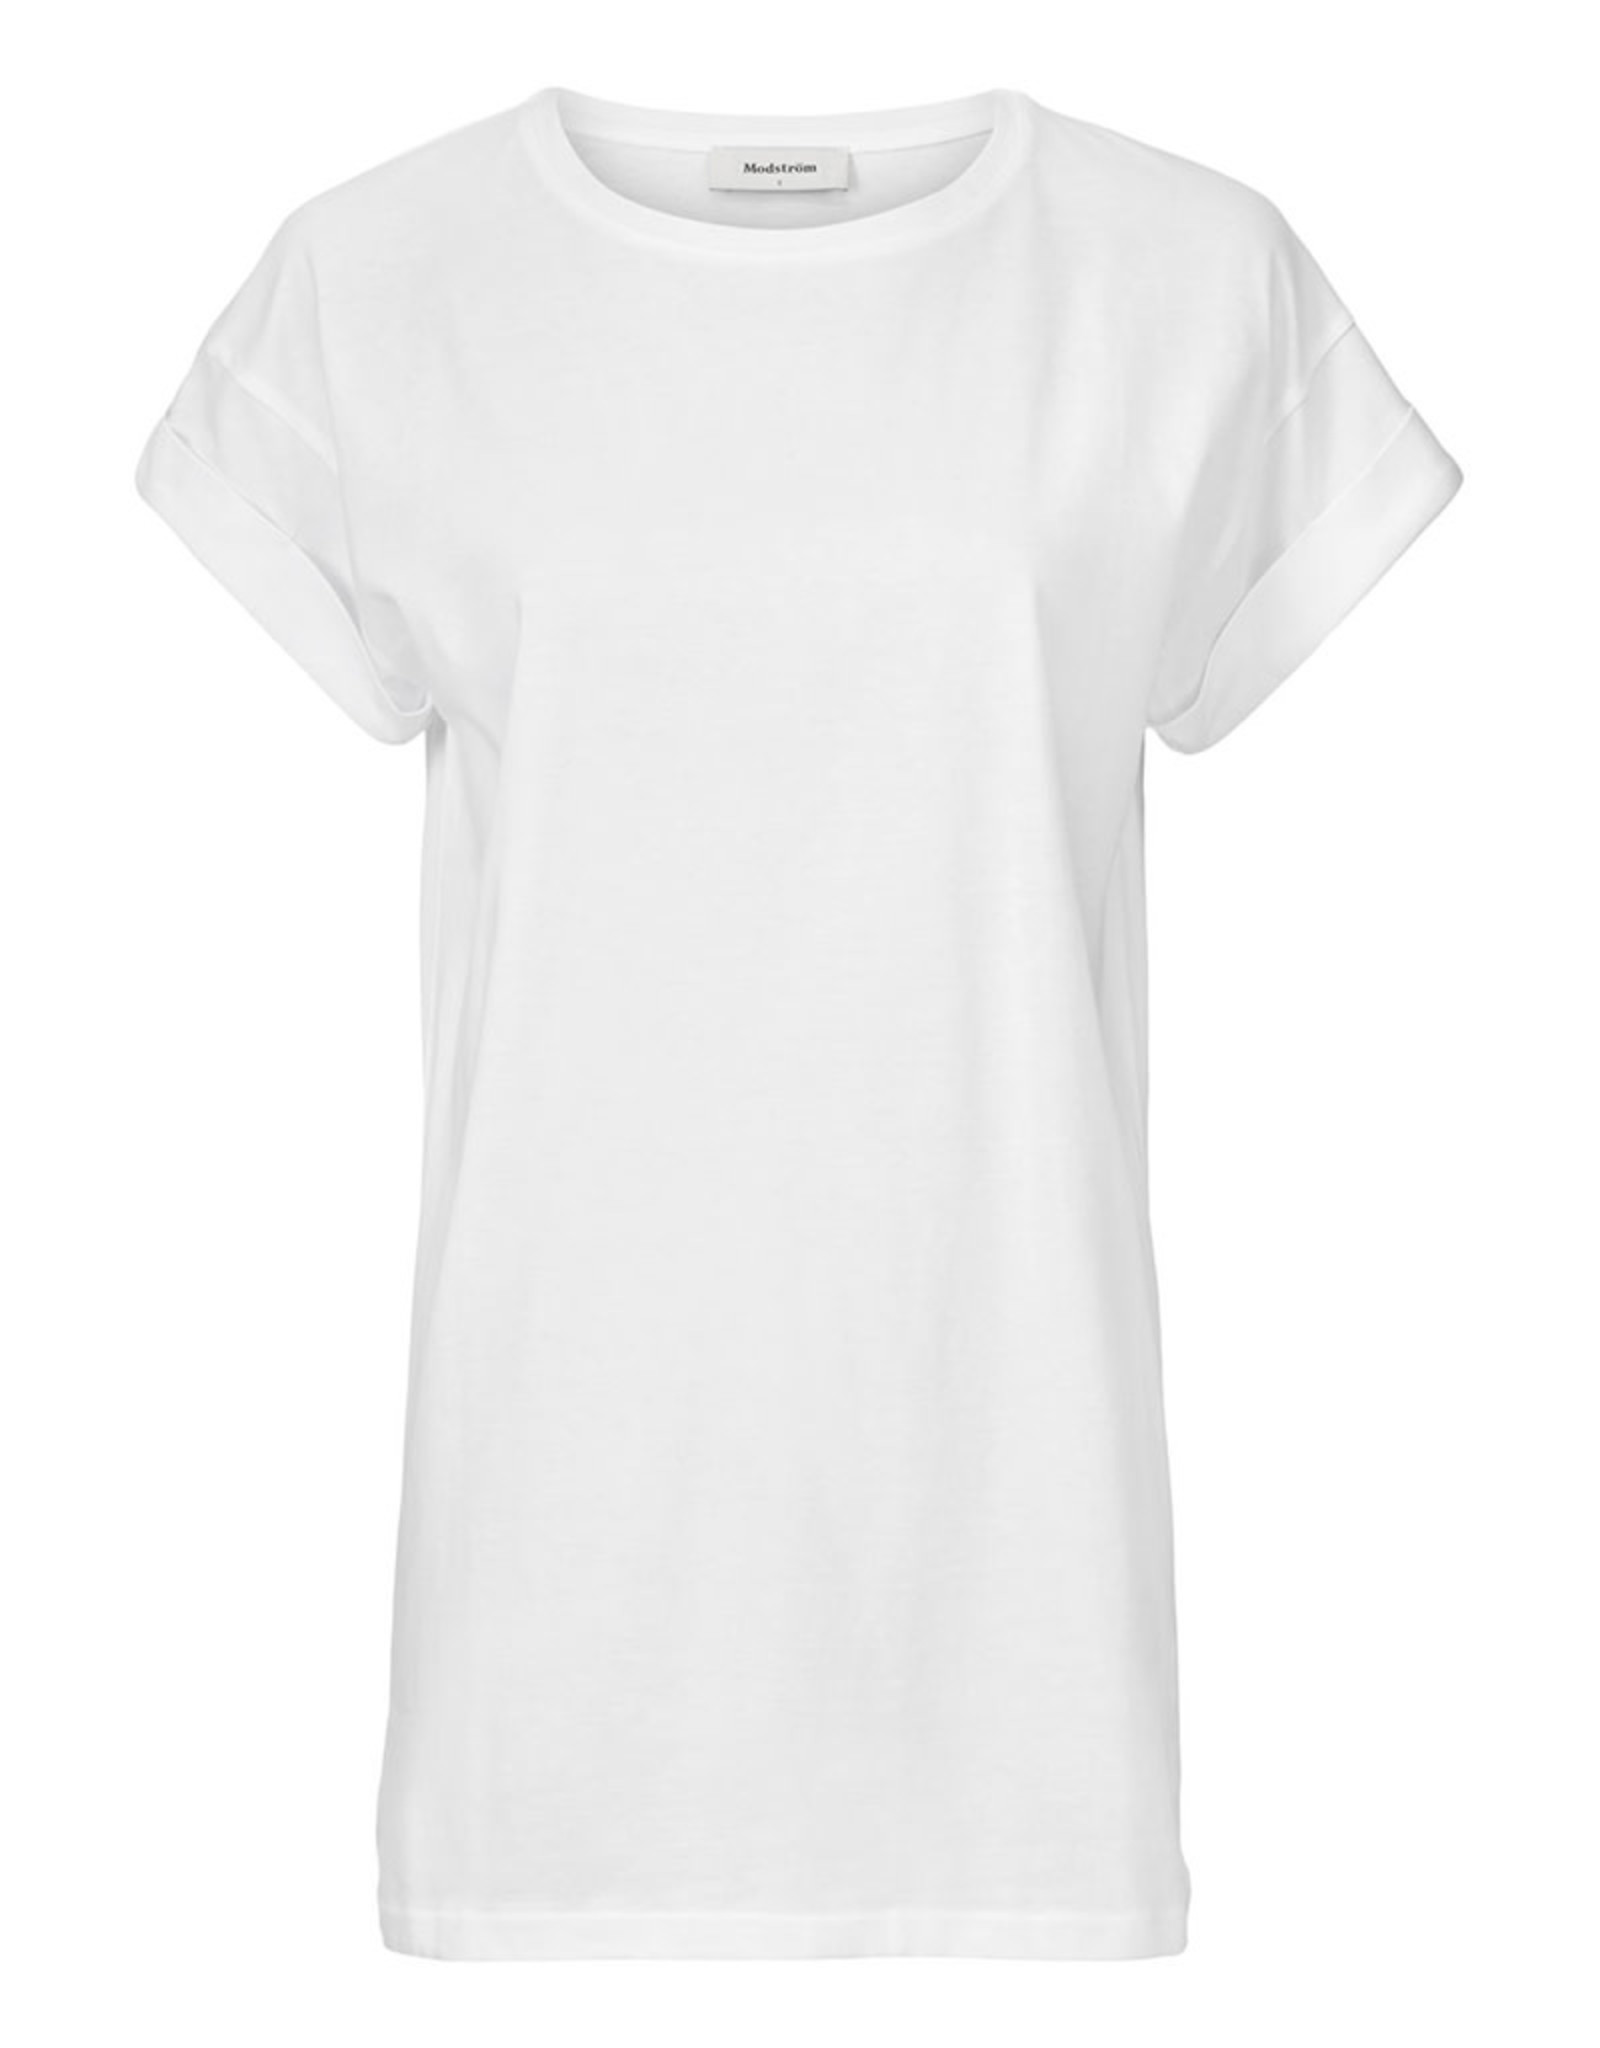 Modström Brazil t-shirt